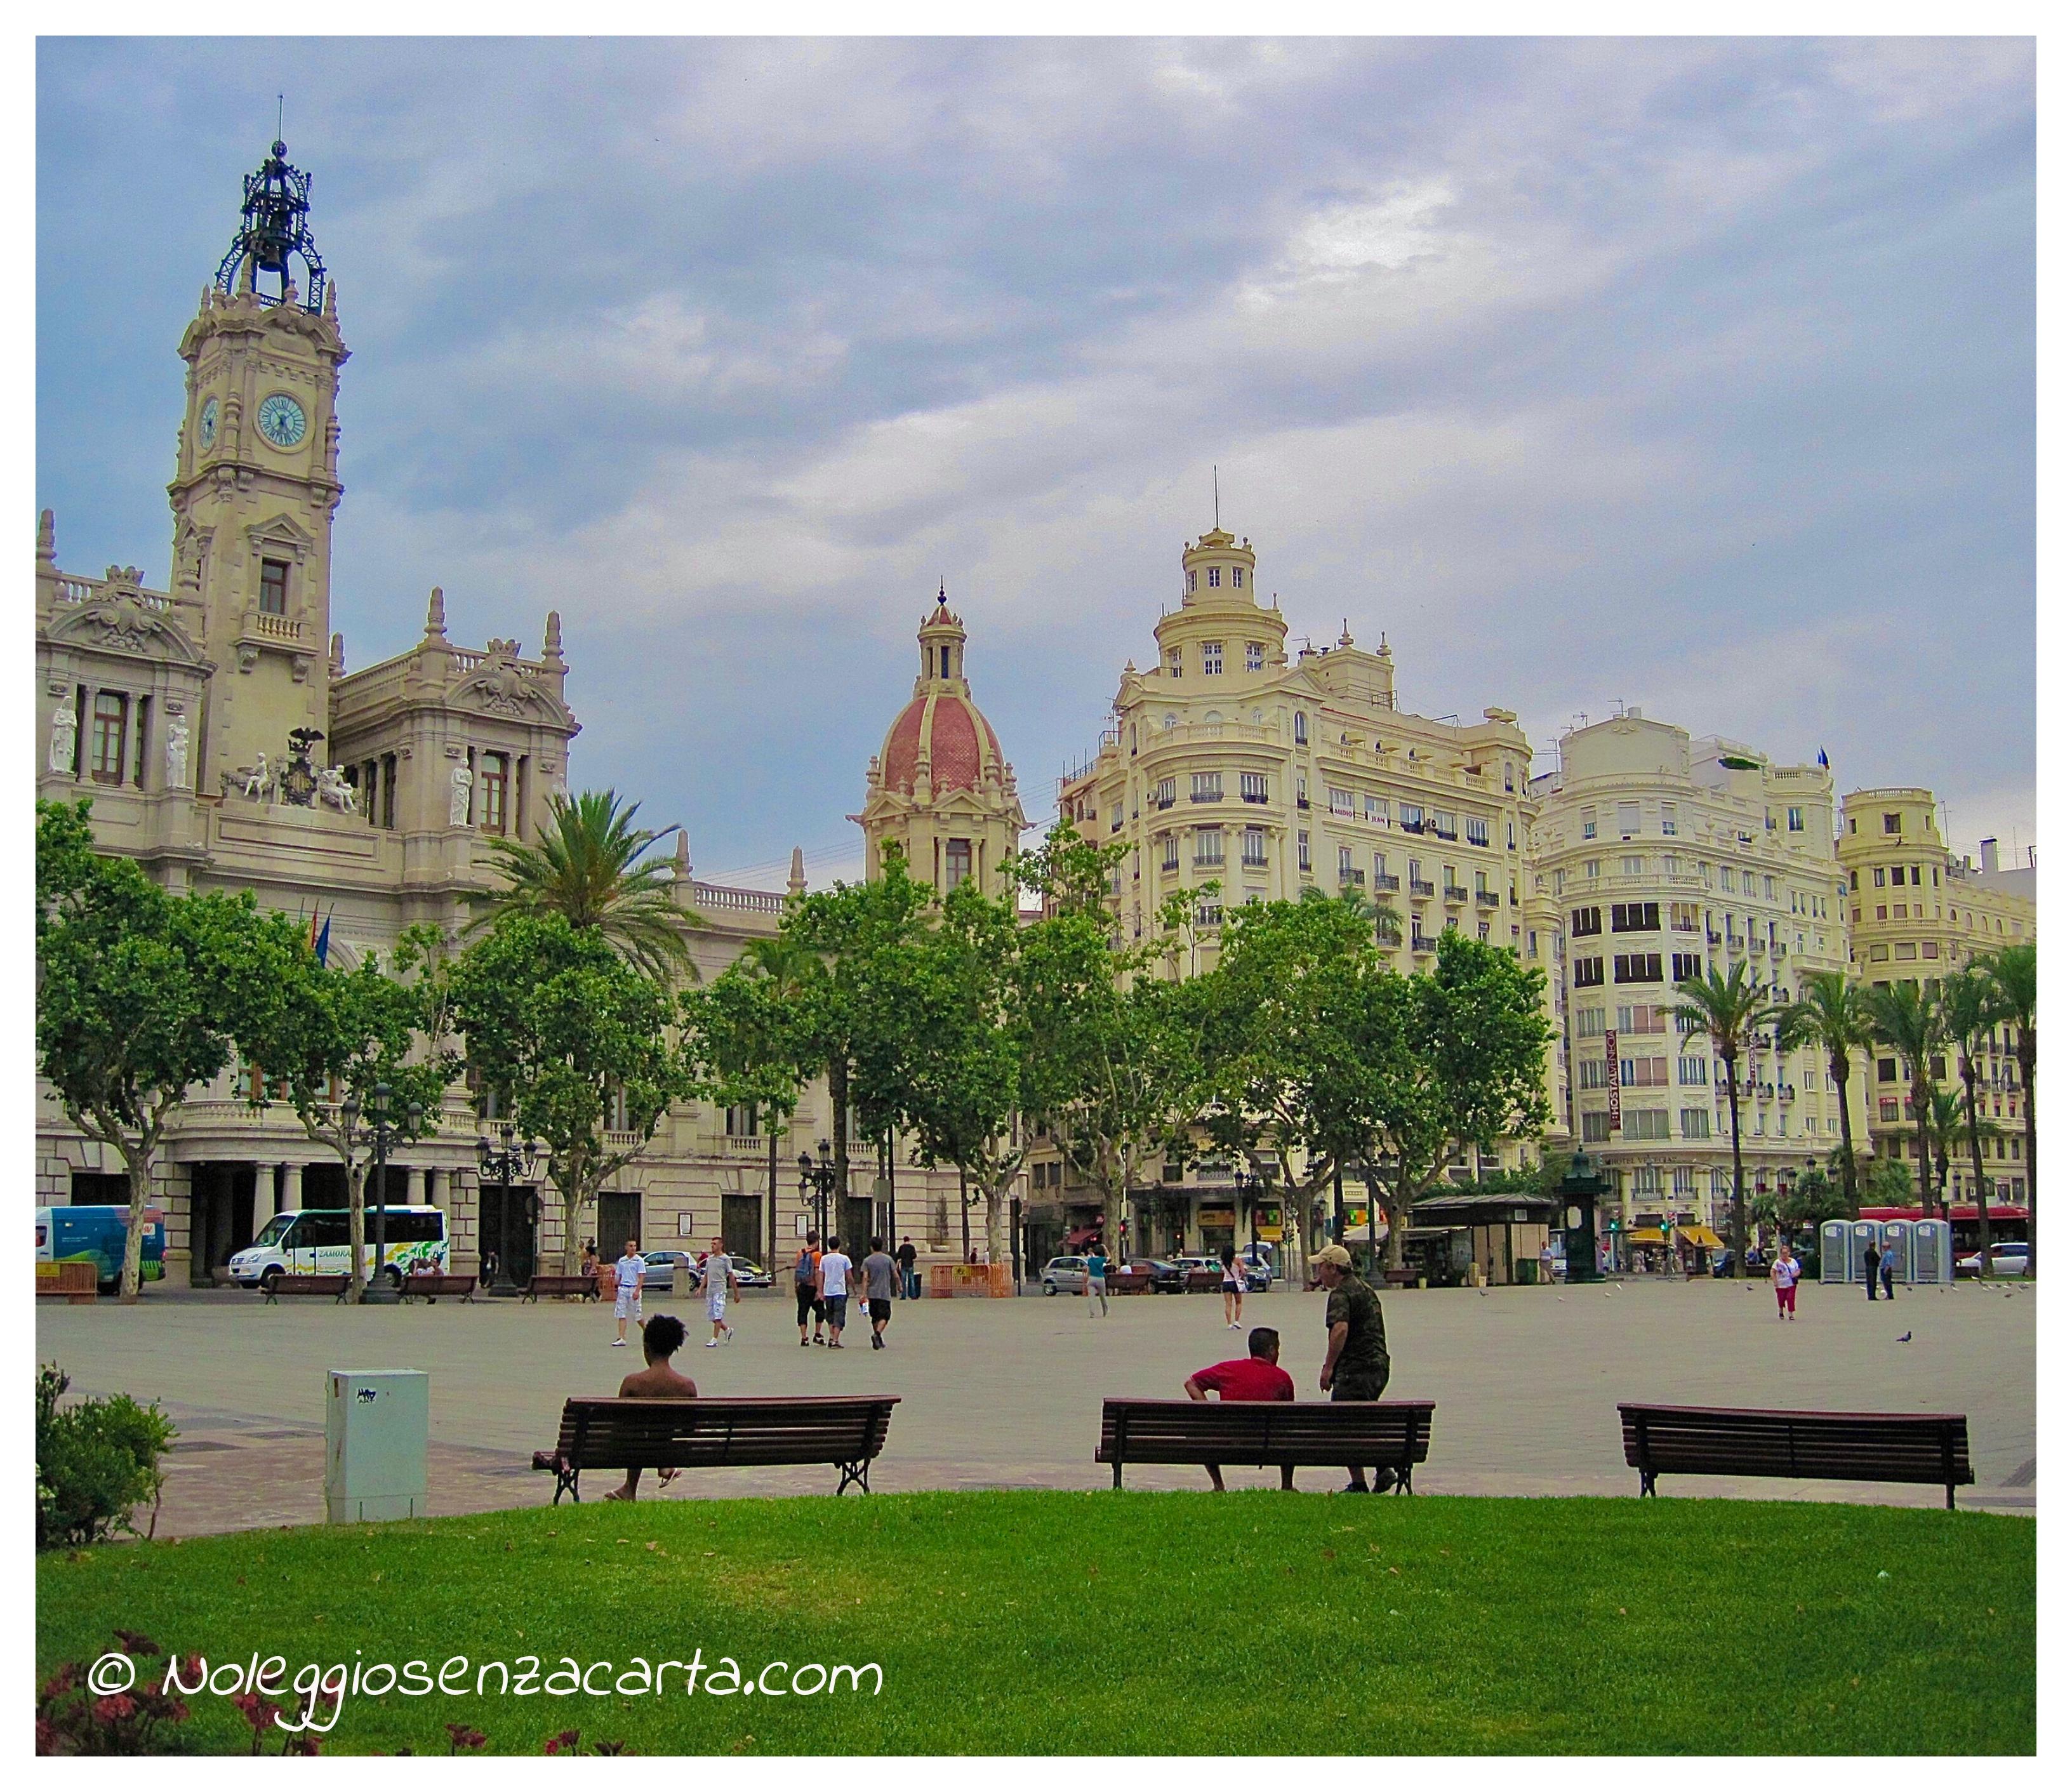 Noleggiare auto senza carta di credito a Valencia